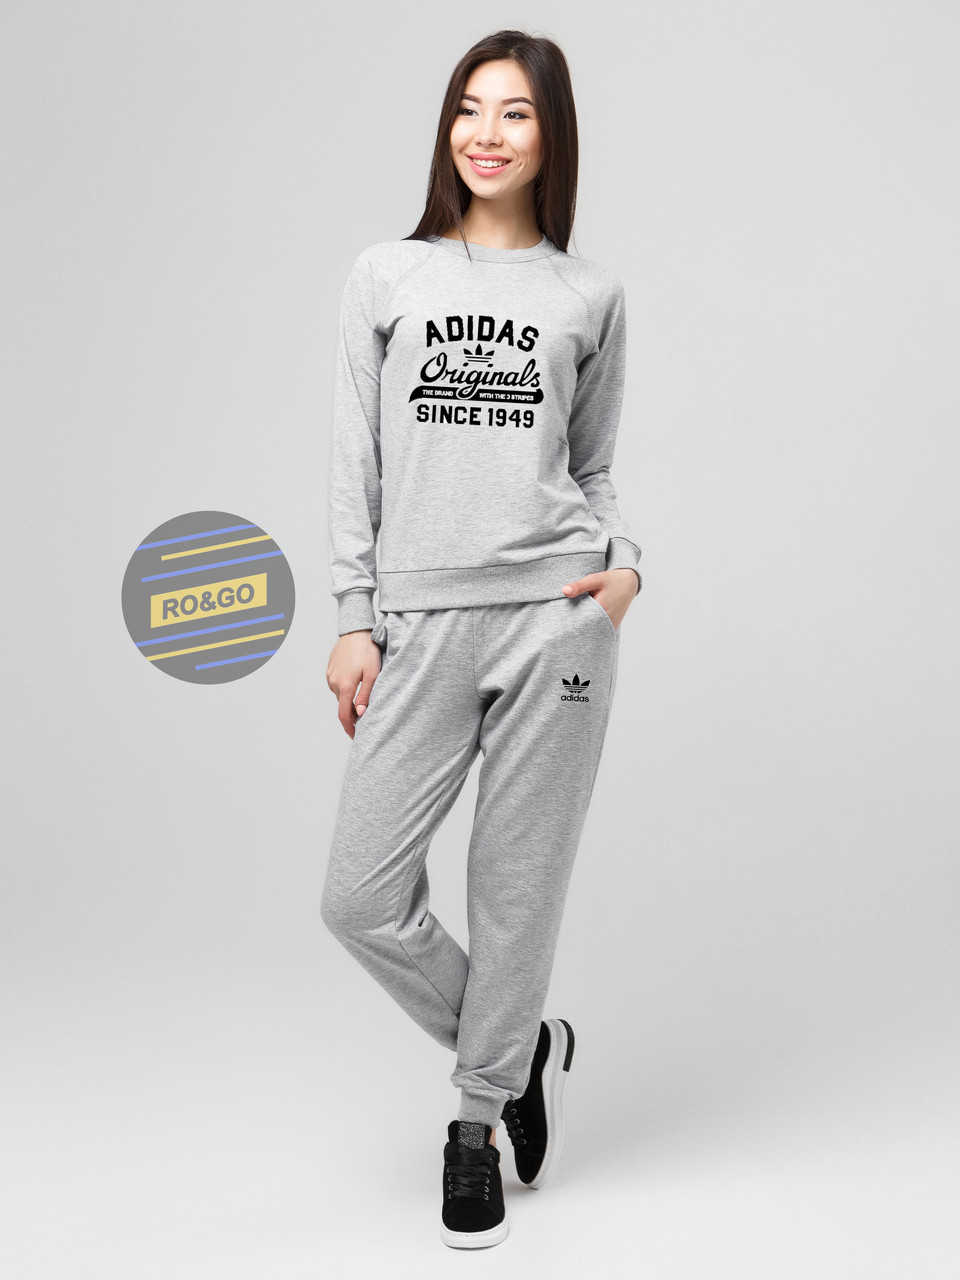 Женский спортивный костюм Adidas originals, цена 725 грн., купить в ... 3da58241026